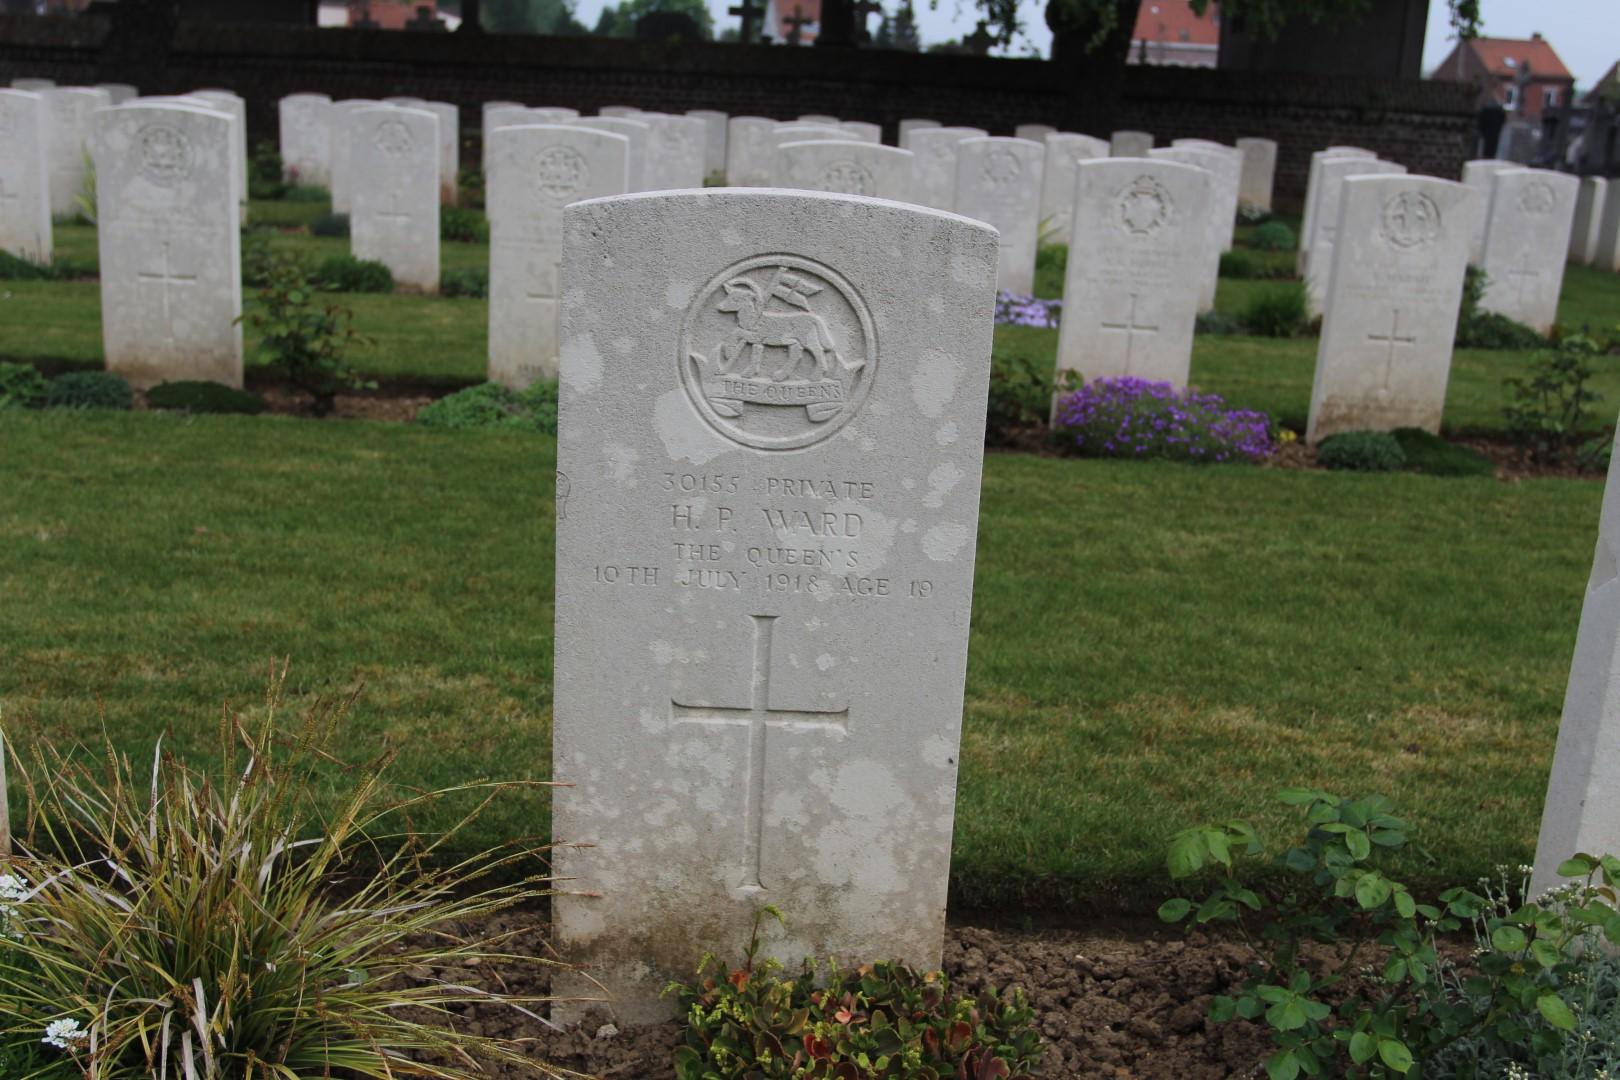 Harold Percy Ward's gravestone